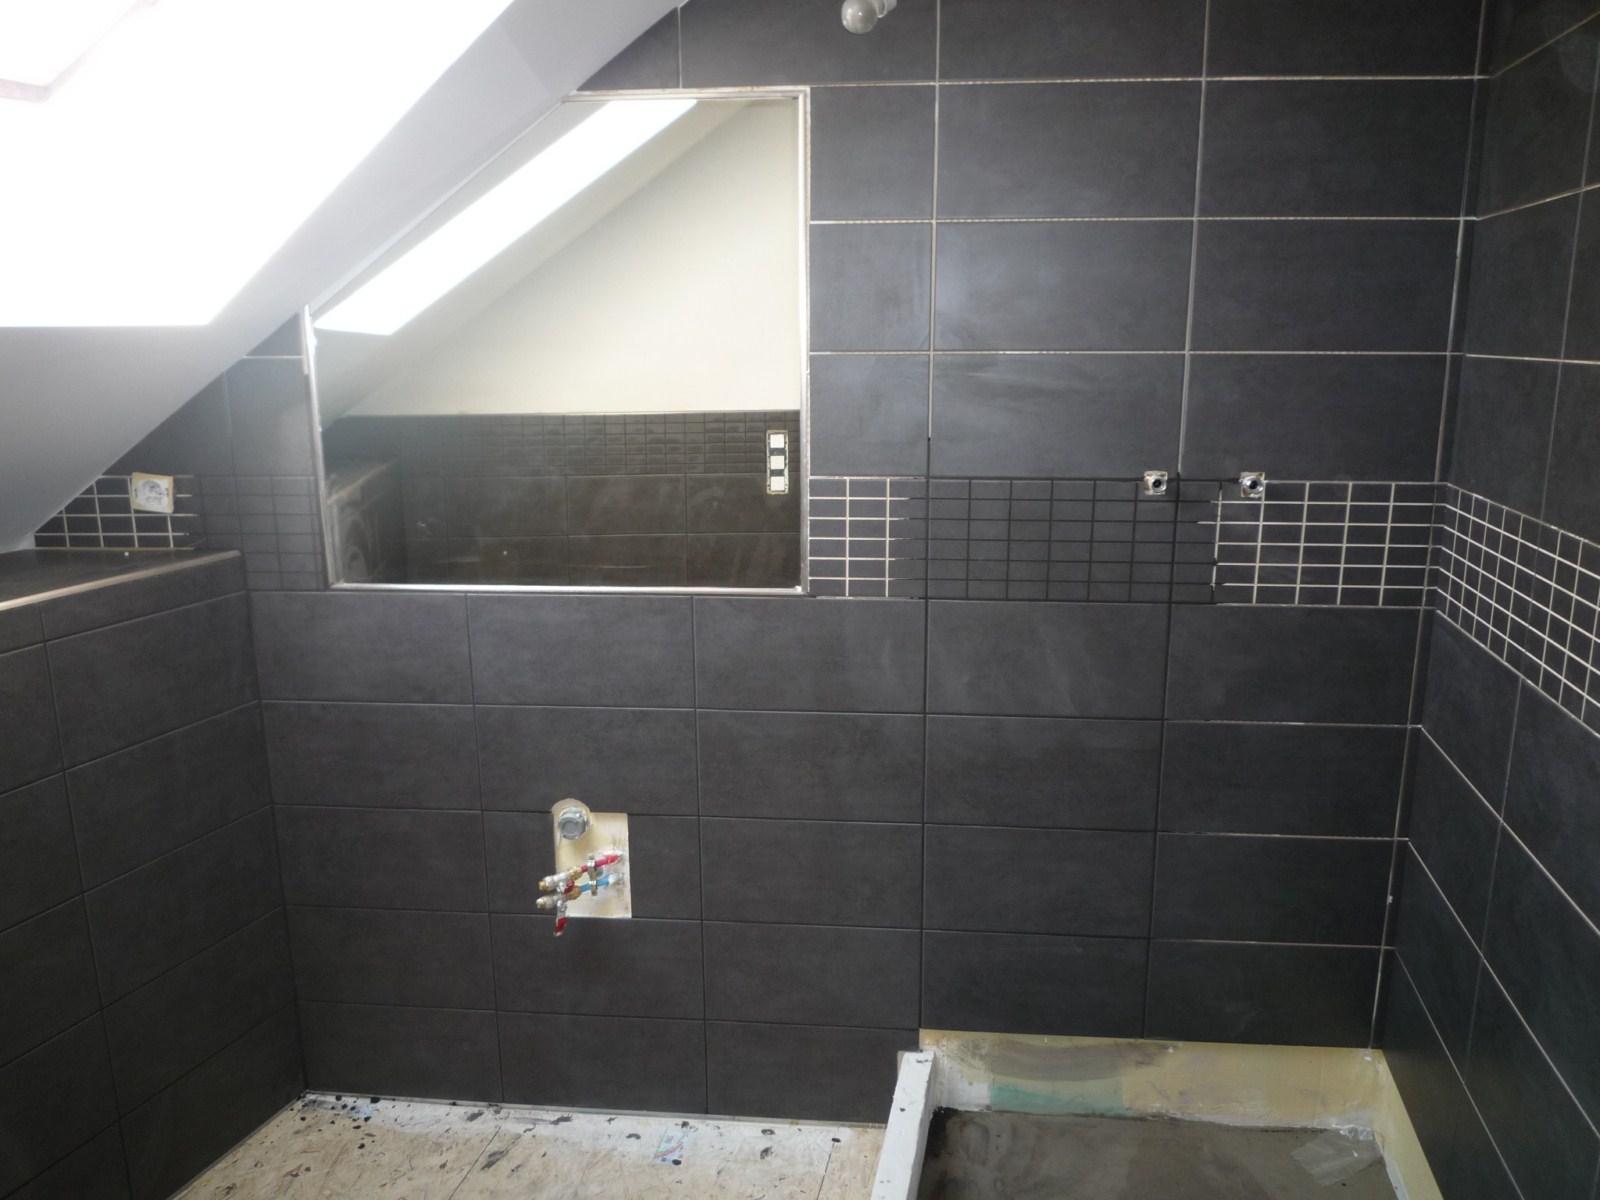 salle de douche 2 me tage vive les travaux. Black Bedroom Furniture Sets. Home Design Ideas